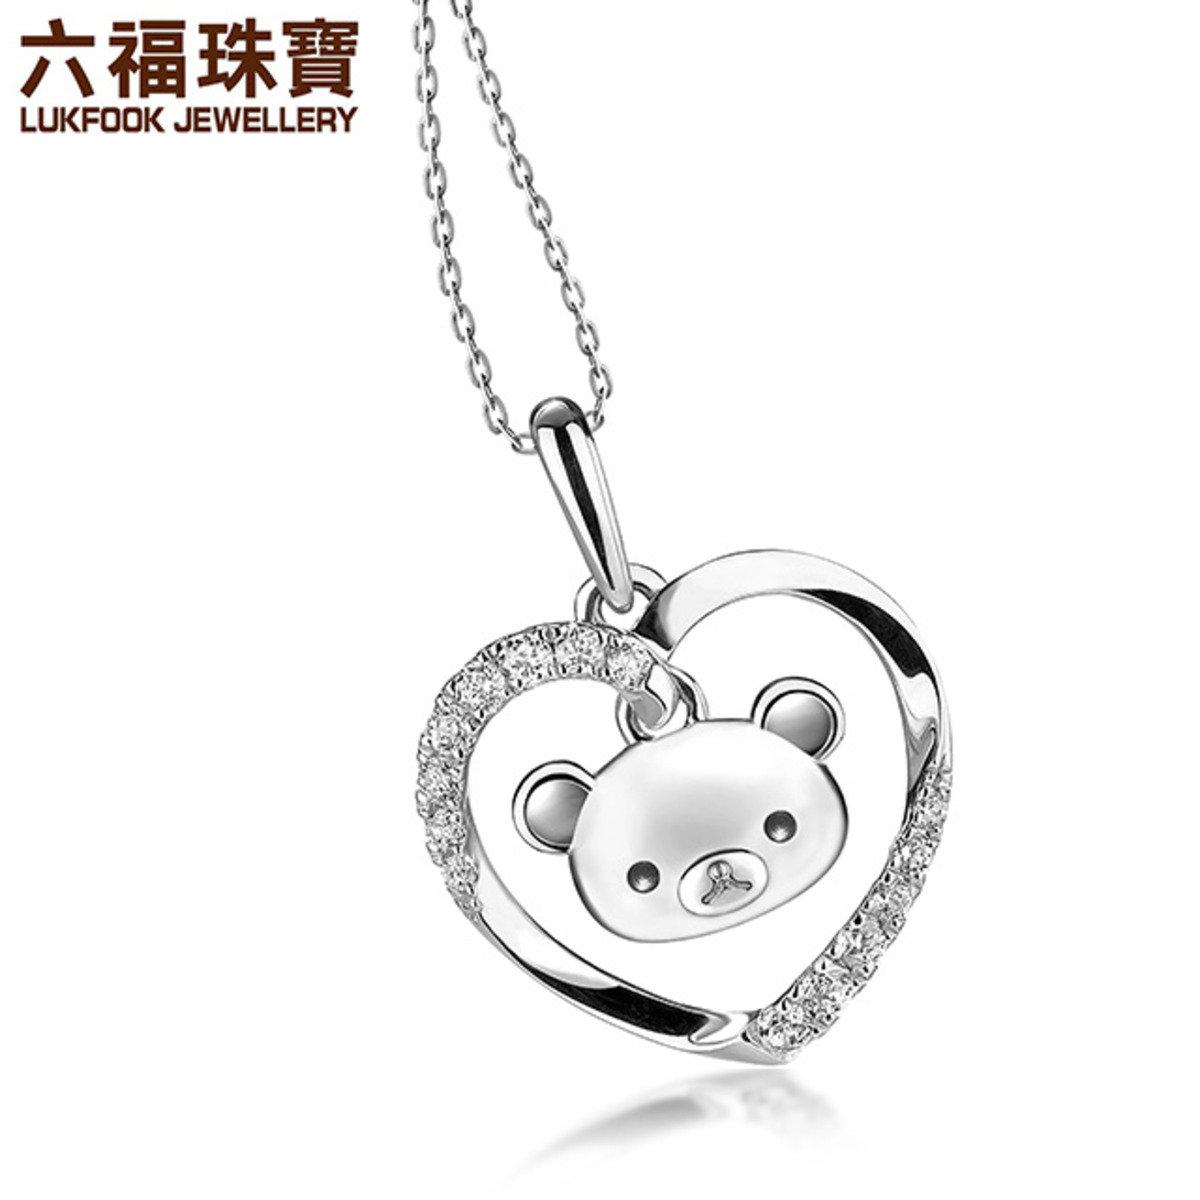 輕鬆小熊 女裝 18K/750金(白色)鑲鑽石吊墜